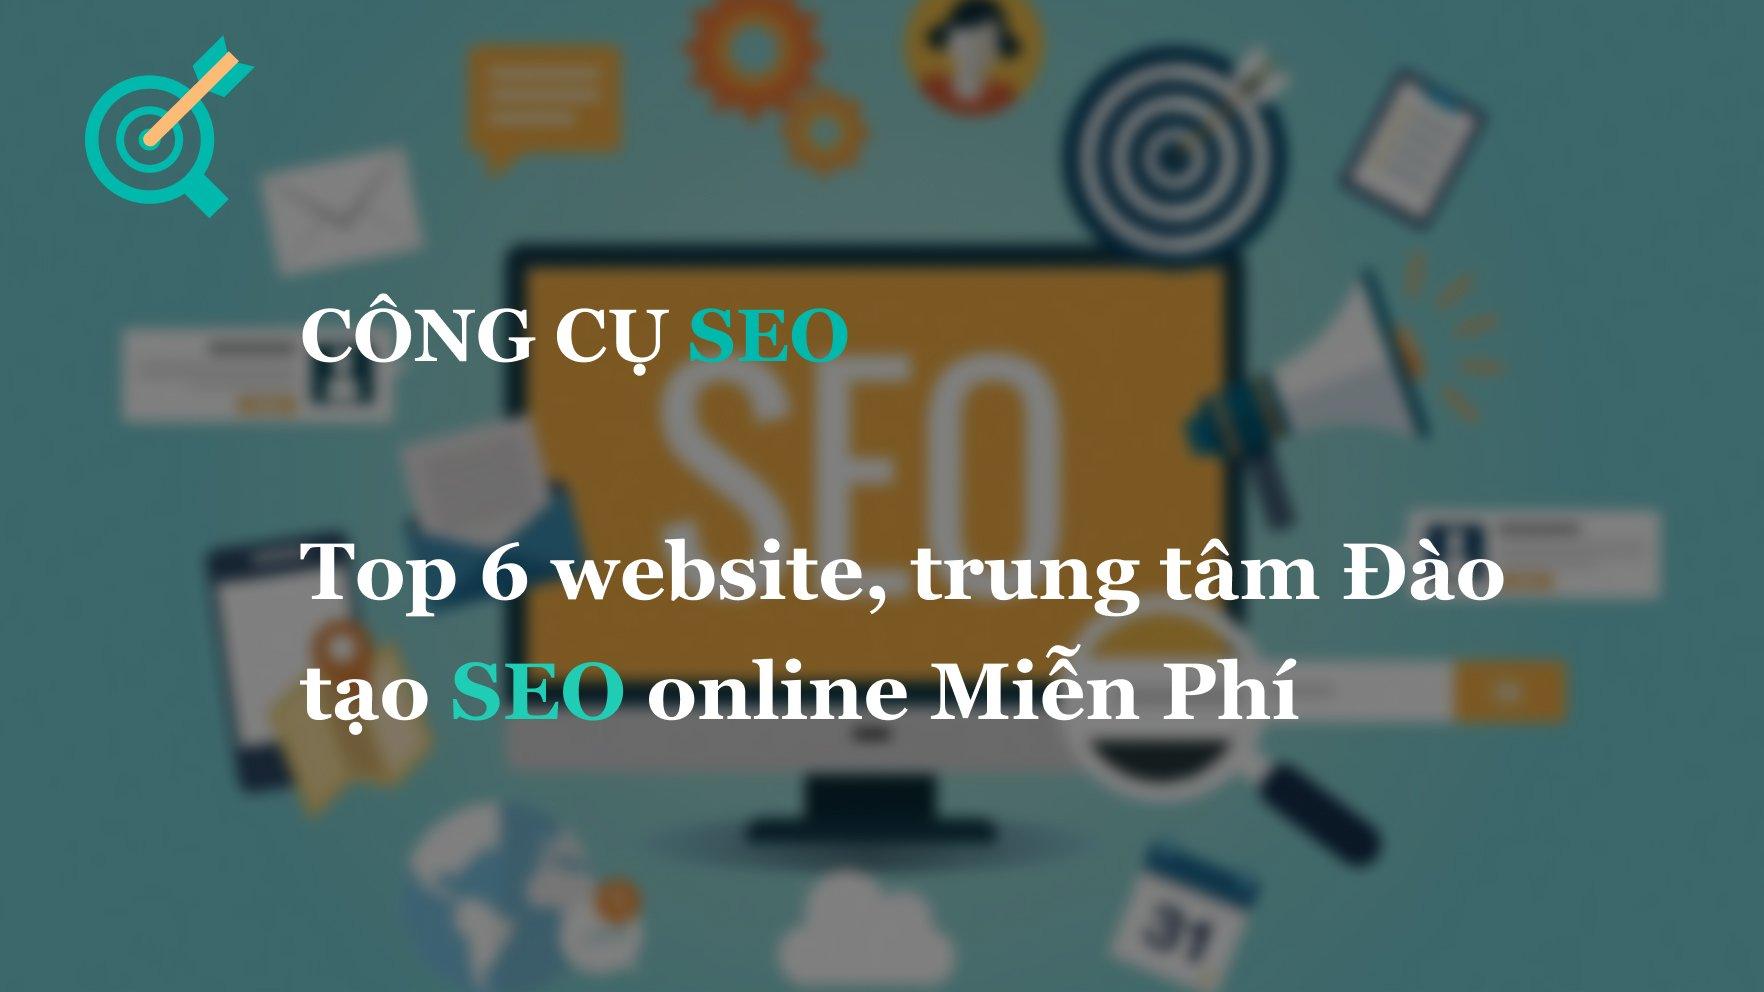 Top 6 website, trung tâm Đào tạo SEO online Miễn Phí